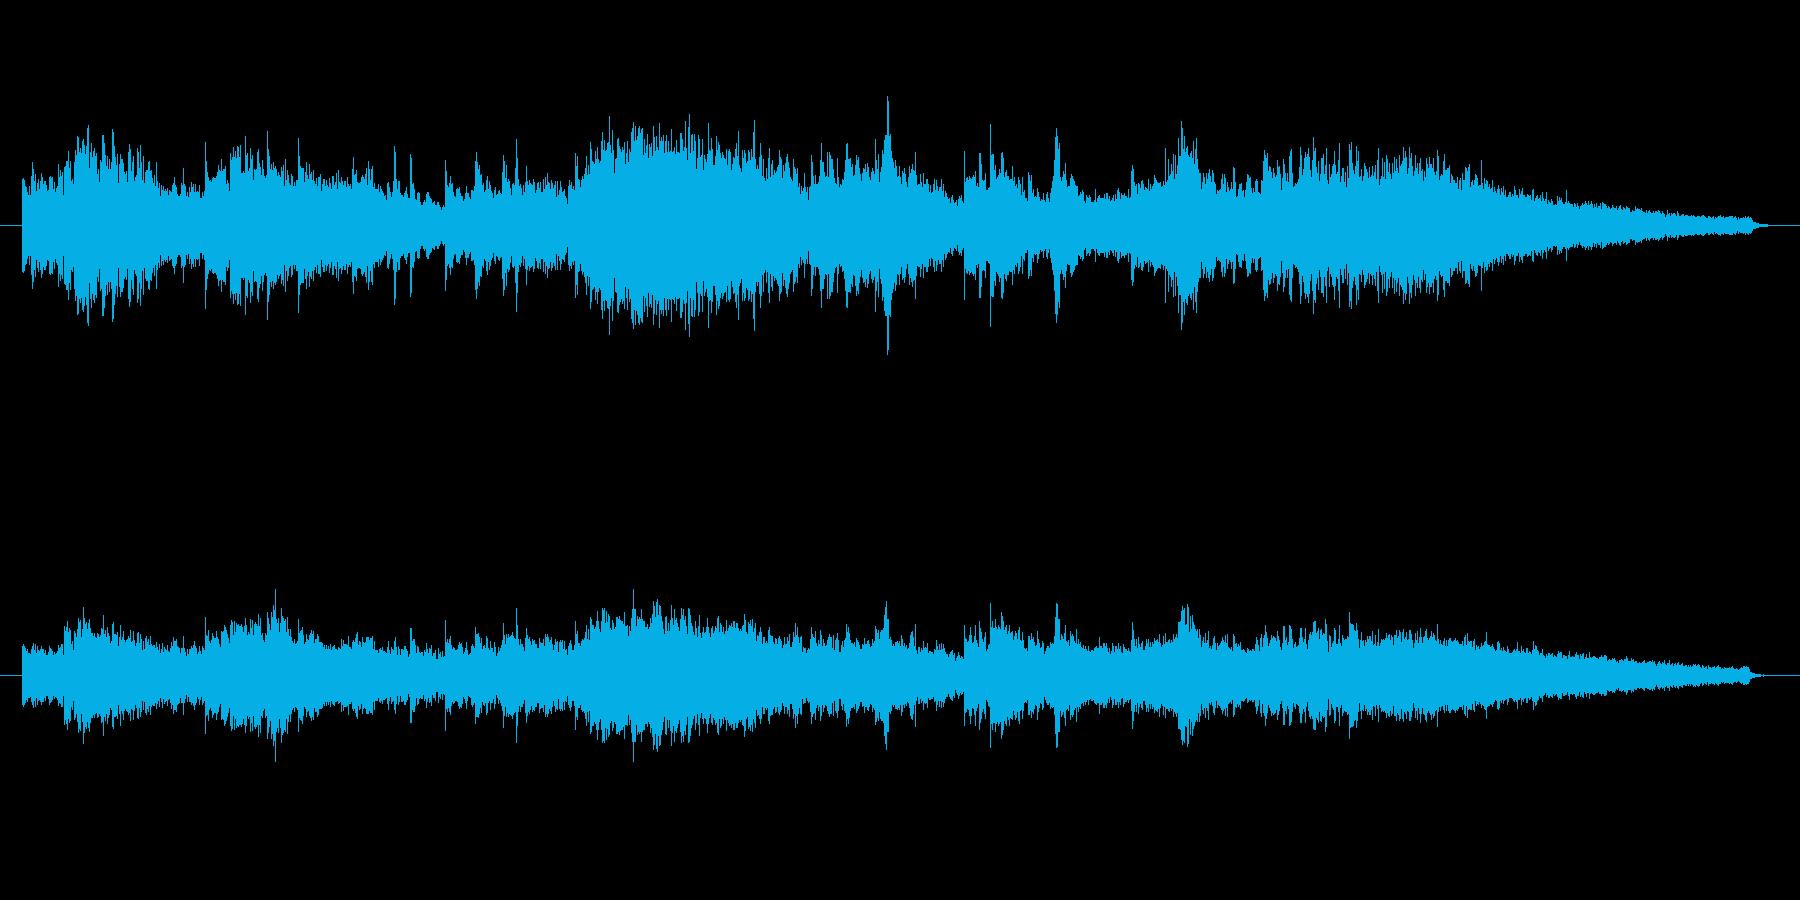 シンセサイザーの宇宙的な音の再生済みの波形